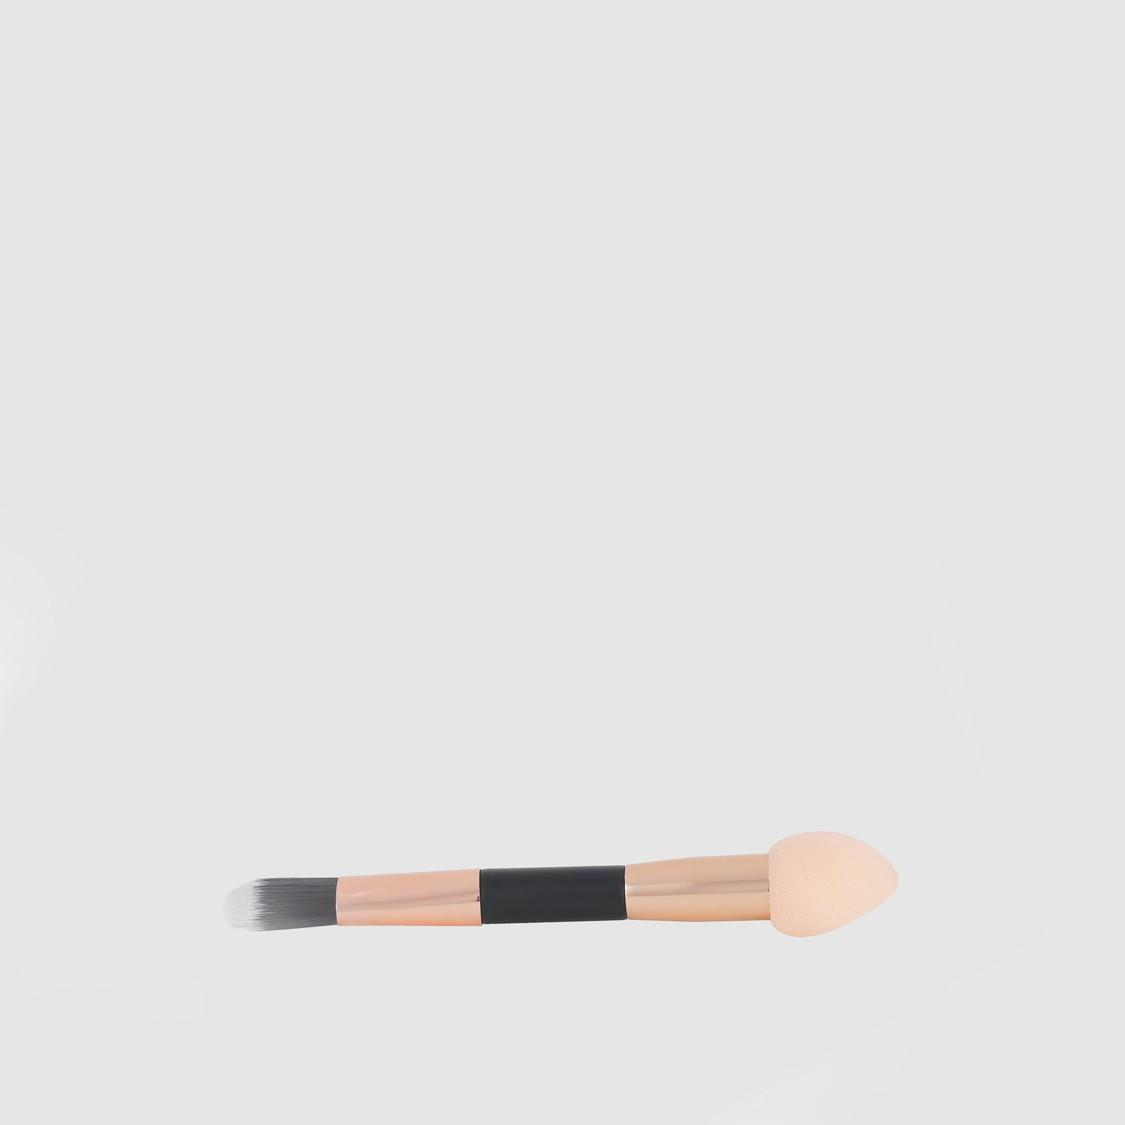 Make-Up Brush with Blending Sponge